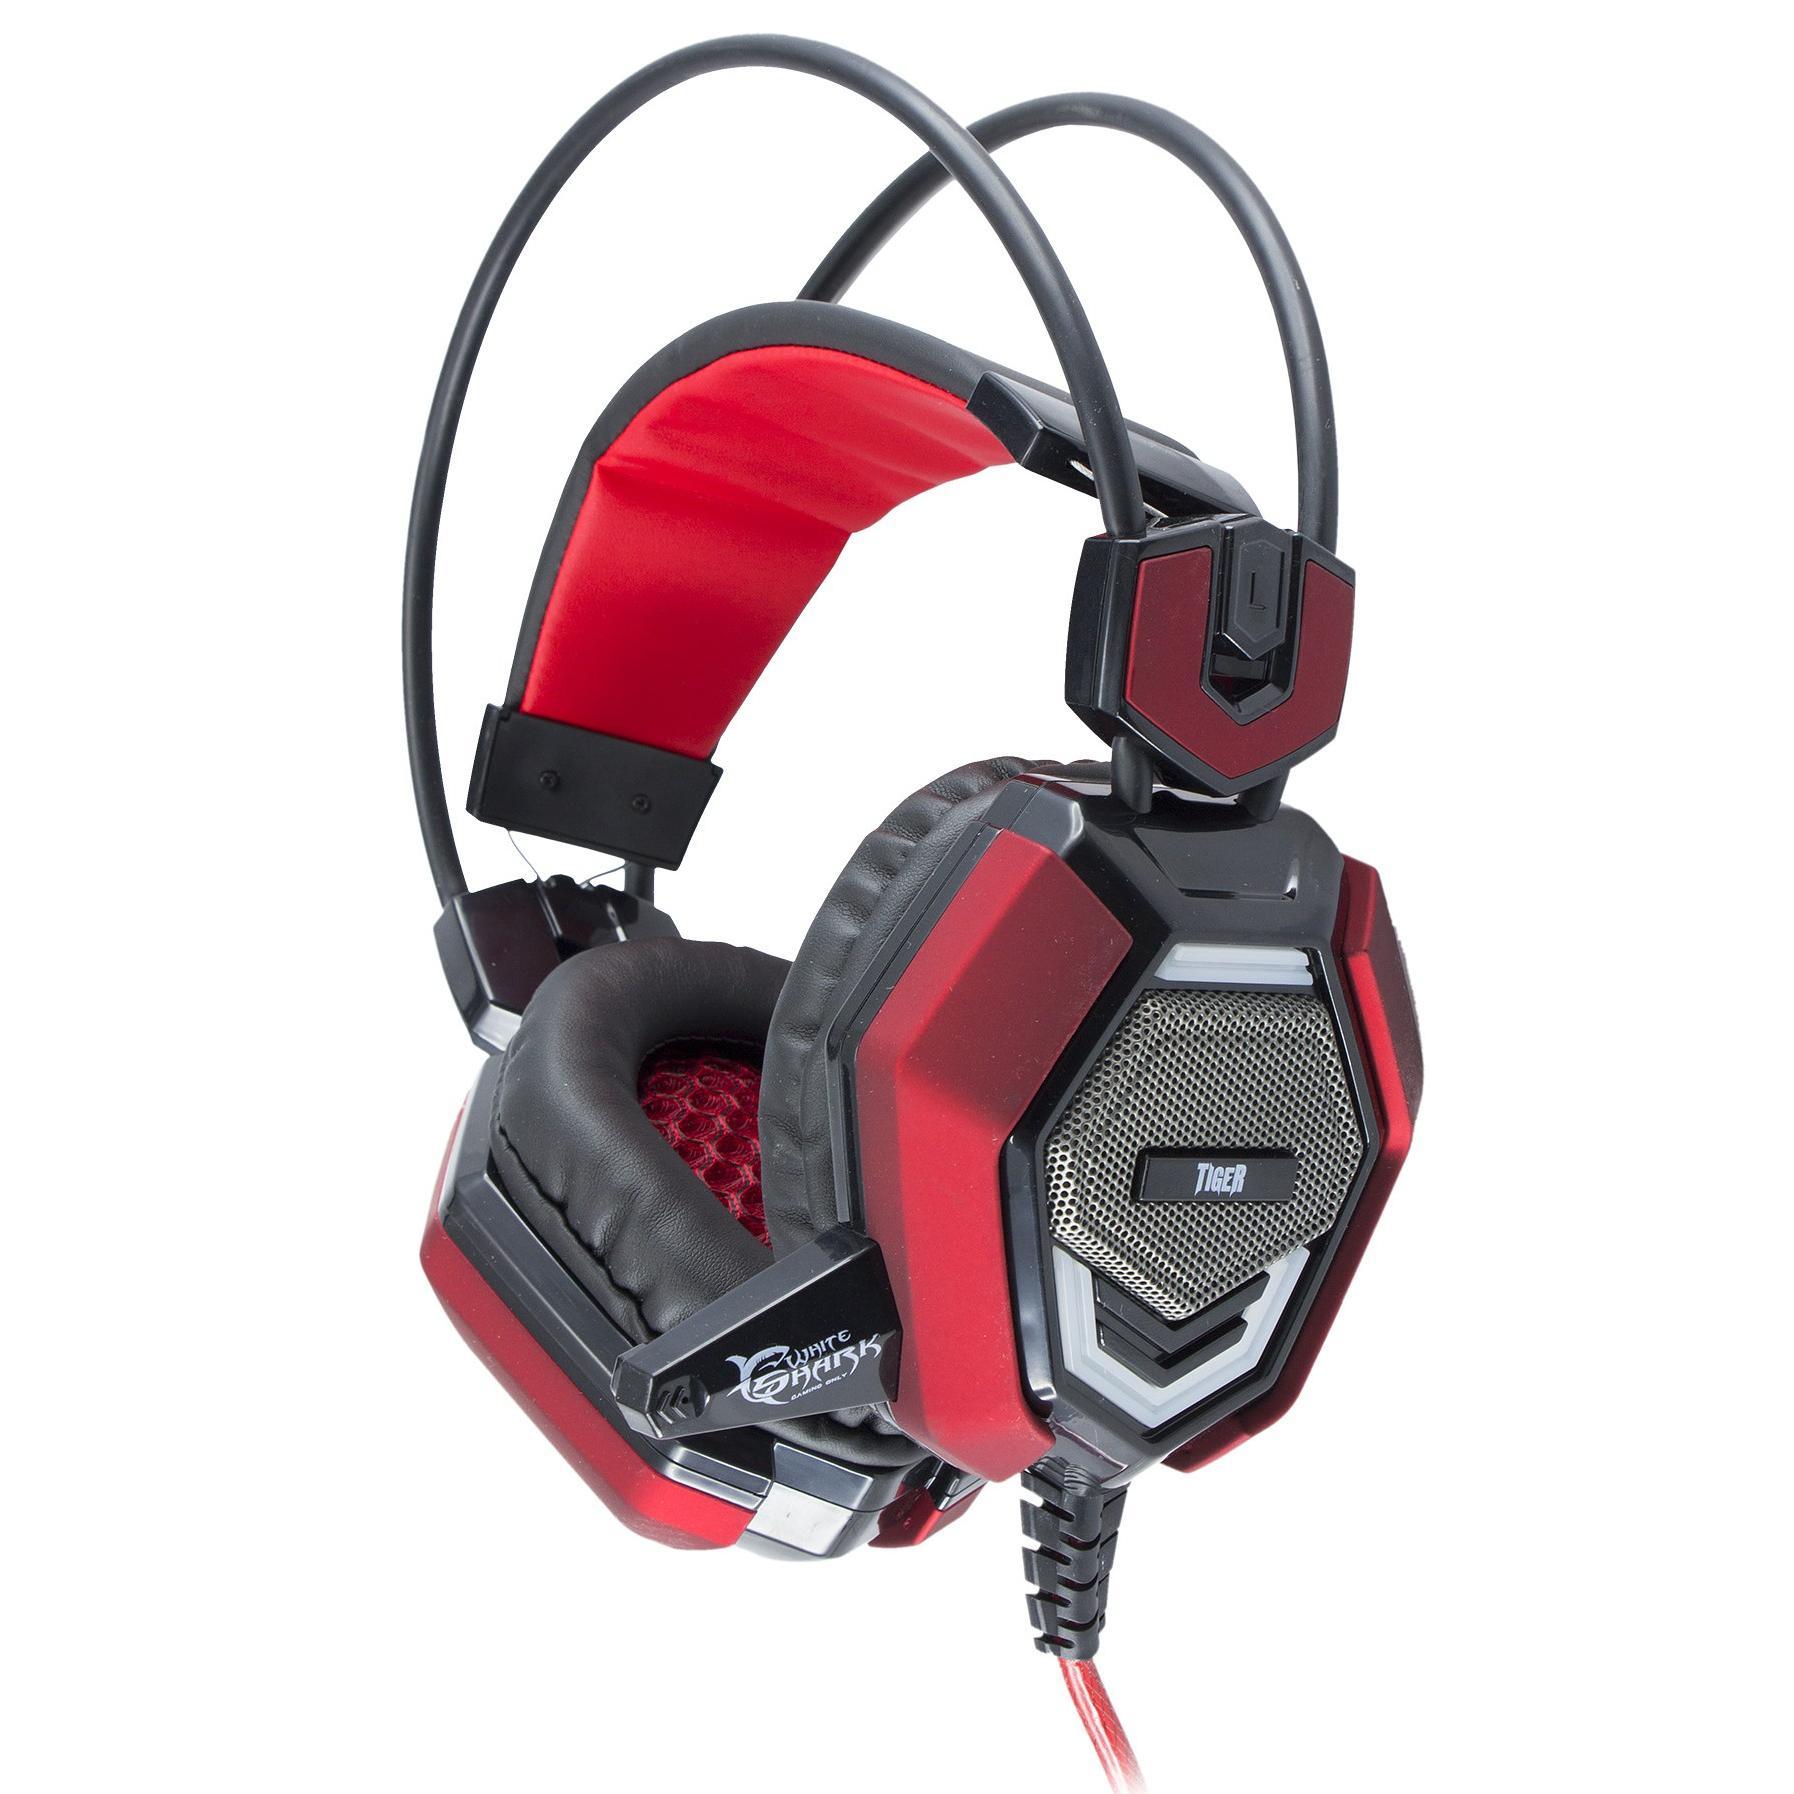 Cuffie Gaming con Microfono Tiger Nero Rosso GHS-1644